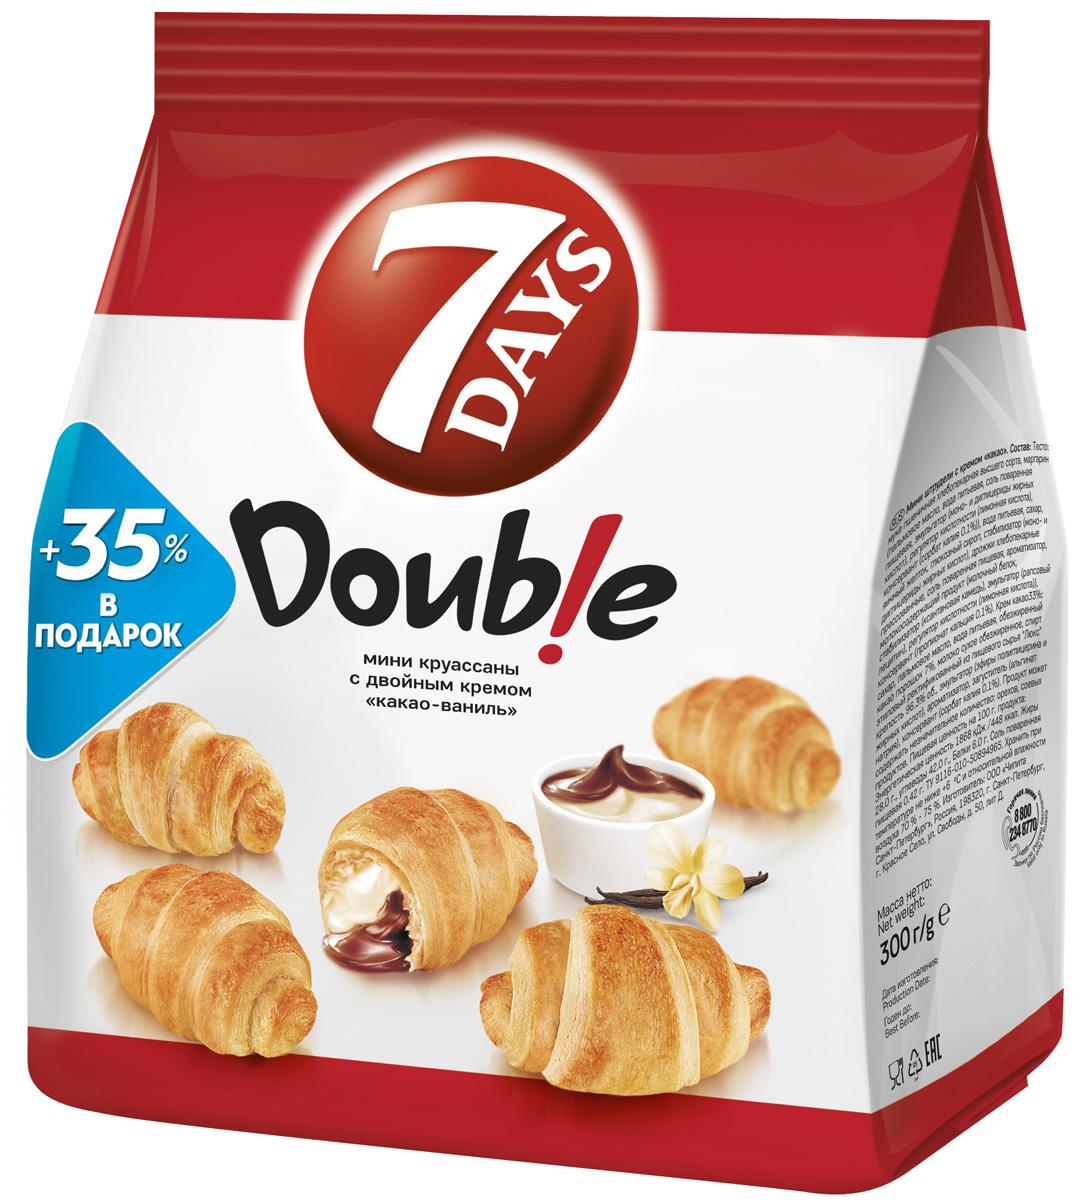 7DAYS Double! Мини-круассаны с двойным кремом Какао-Ваниль, 300 г57911Круассаны 7DAYS - готовая к употреблению выпечка из нежного теста с восхитительными кремовыми и джемовыми начинками.Мини-круассаны 7DAYS - это много маленьких вкусных круассанов в одной упаковке. На выбор потребителя представлен широкий ассортимент кремовых и джемовых начинок. Прекрасно сочетаются с чаем и кофе, идеально подходят для того, чтобы разделить их с близкими. Превосходный выбор снэка для потребления дома и на ходу.Воздушные мини-круассаны 7DAYS Double! с двойной начинкой, перед которыми невозможно устоять.